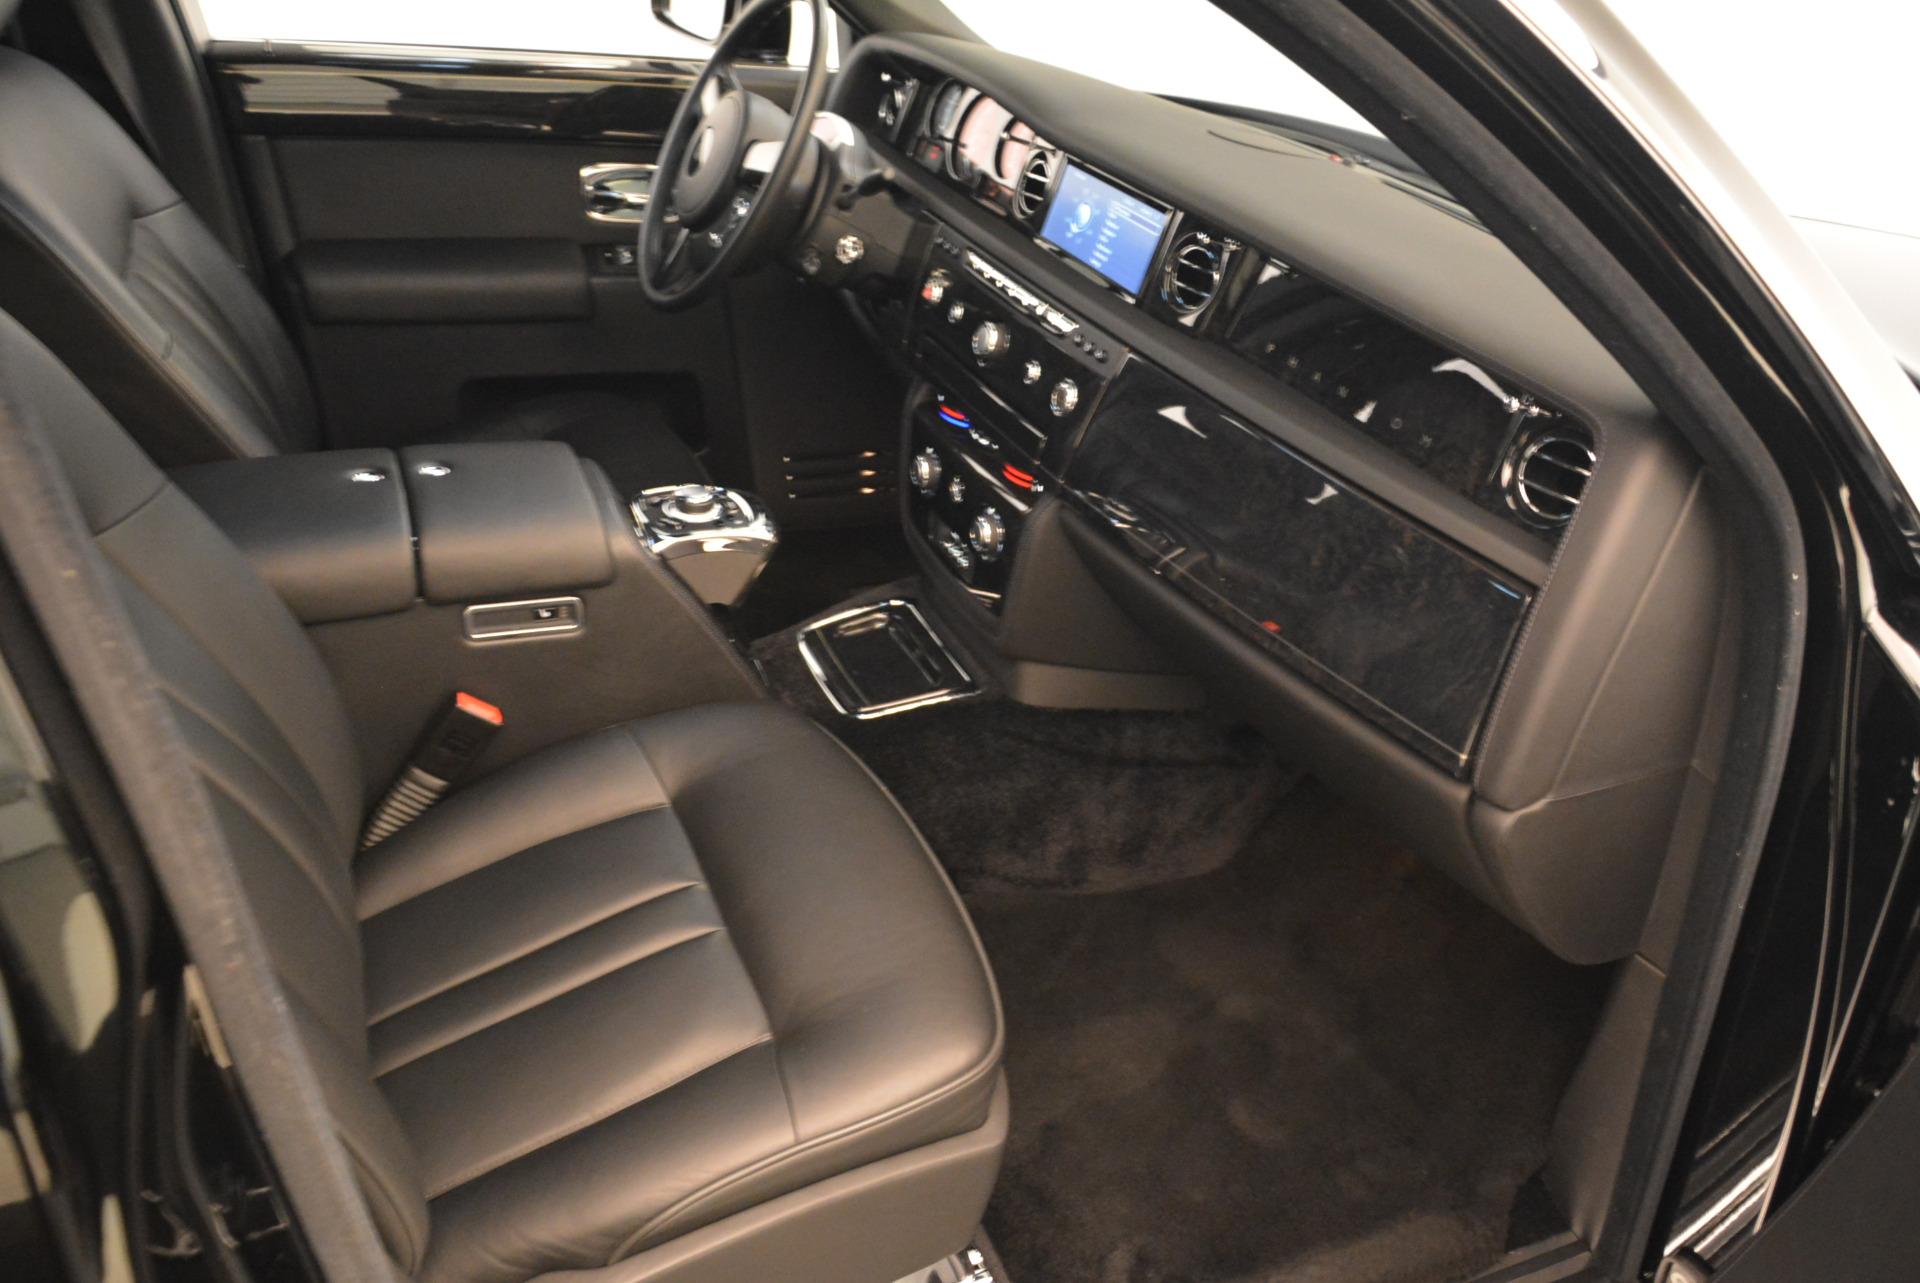 Used 2014 Rolls-Royce Phantom EWB For Sale In Greenwich, CT 2051_p22